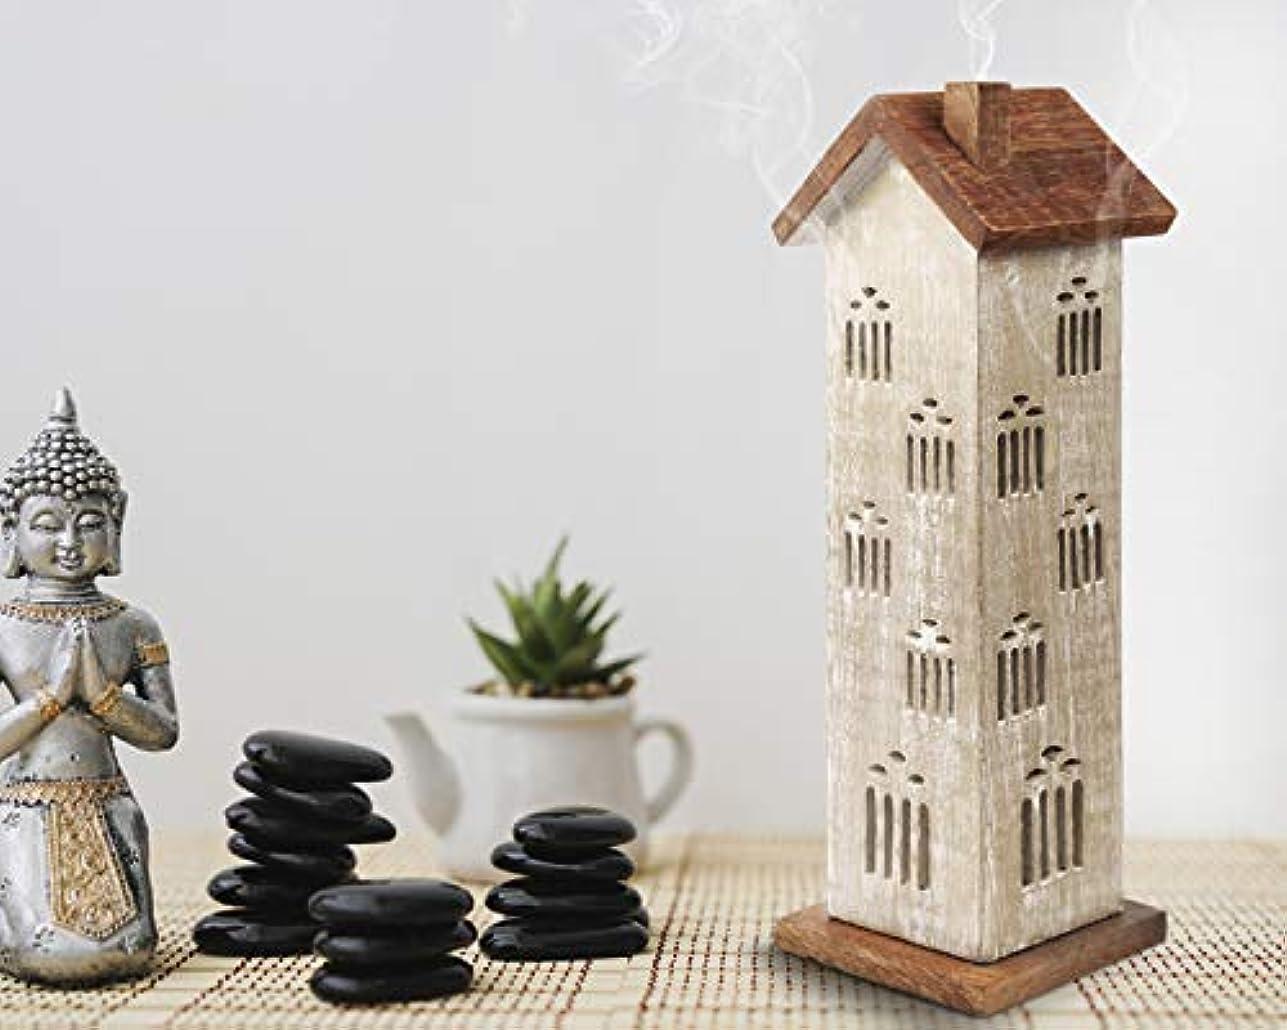 役に立たない爪サーマルstoreindya 感謝祭ギフト 木製タワーハウスお香ホルダー アッシュキャッチャー付き 装飾的 無料 オーガニックお香3本